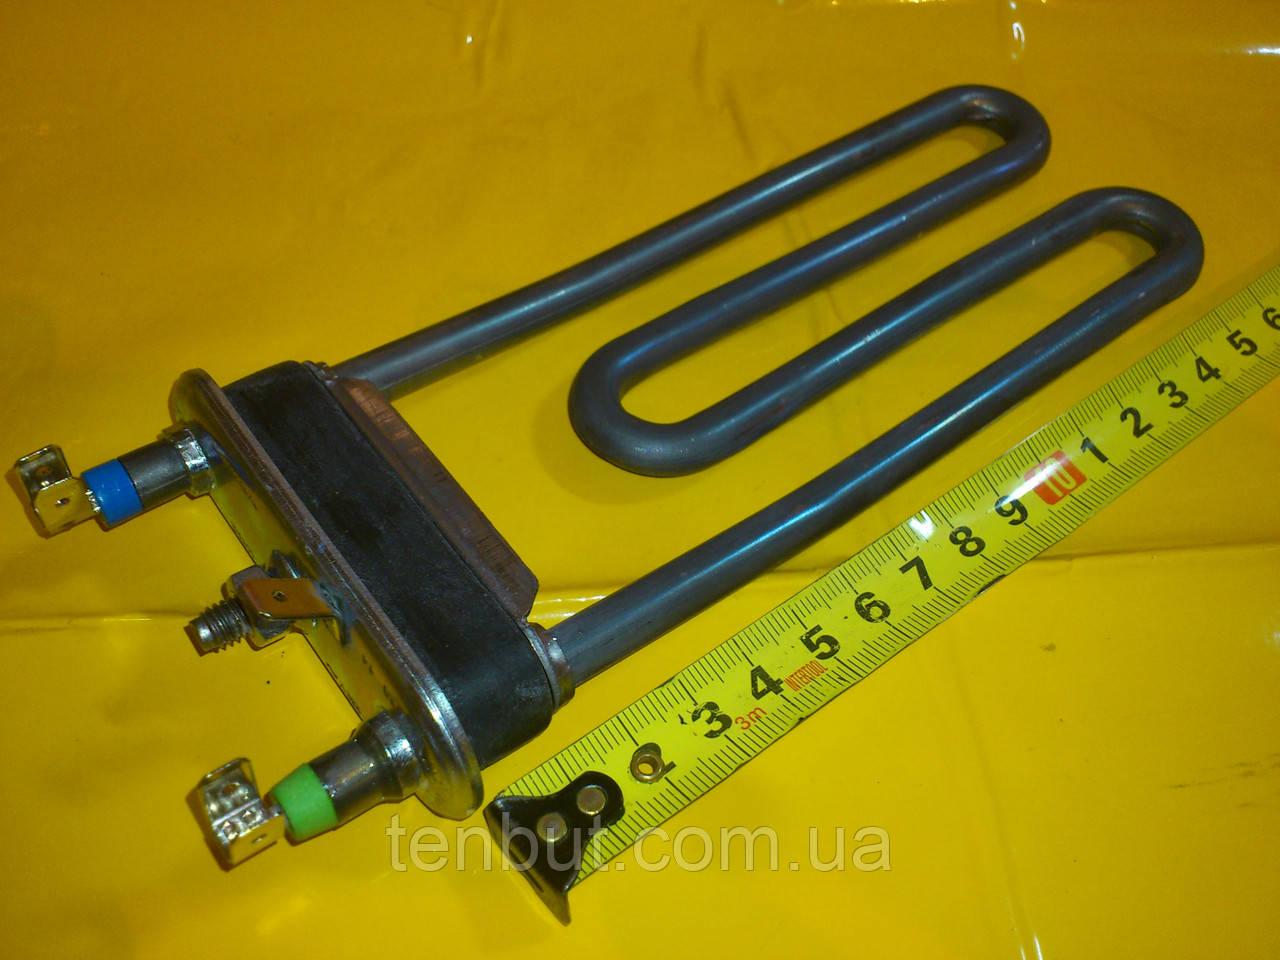 Тэн на стиральную машинку 1700 Вт. / 170 мм. производство Италия Thermowatt